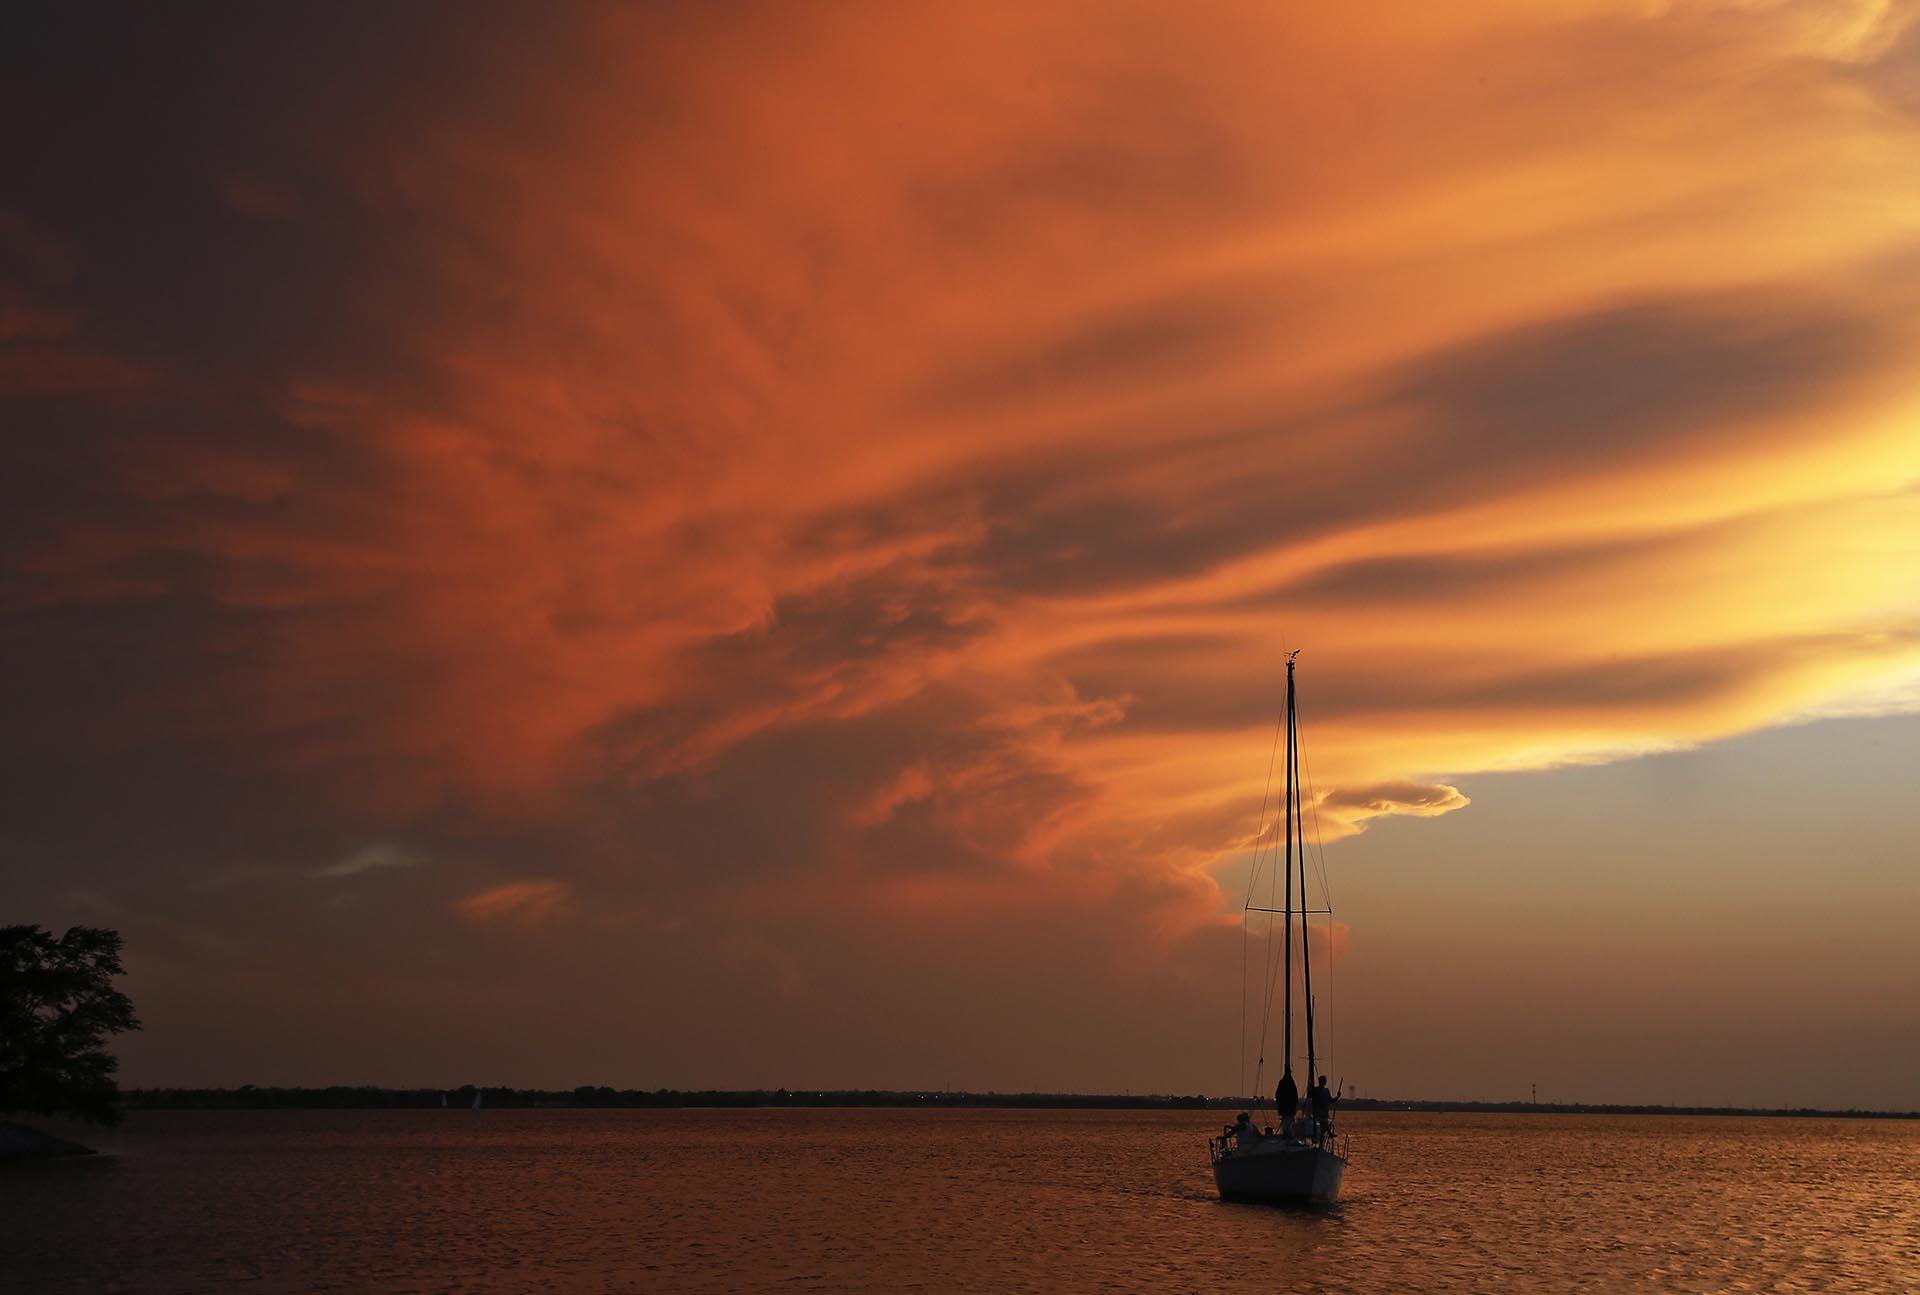 Un barco vuelve al puerto cuando el sol se pone en el lago Hefner en Oklahoma City